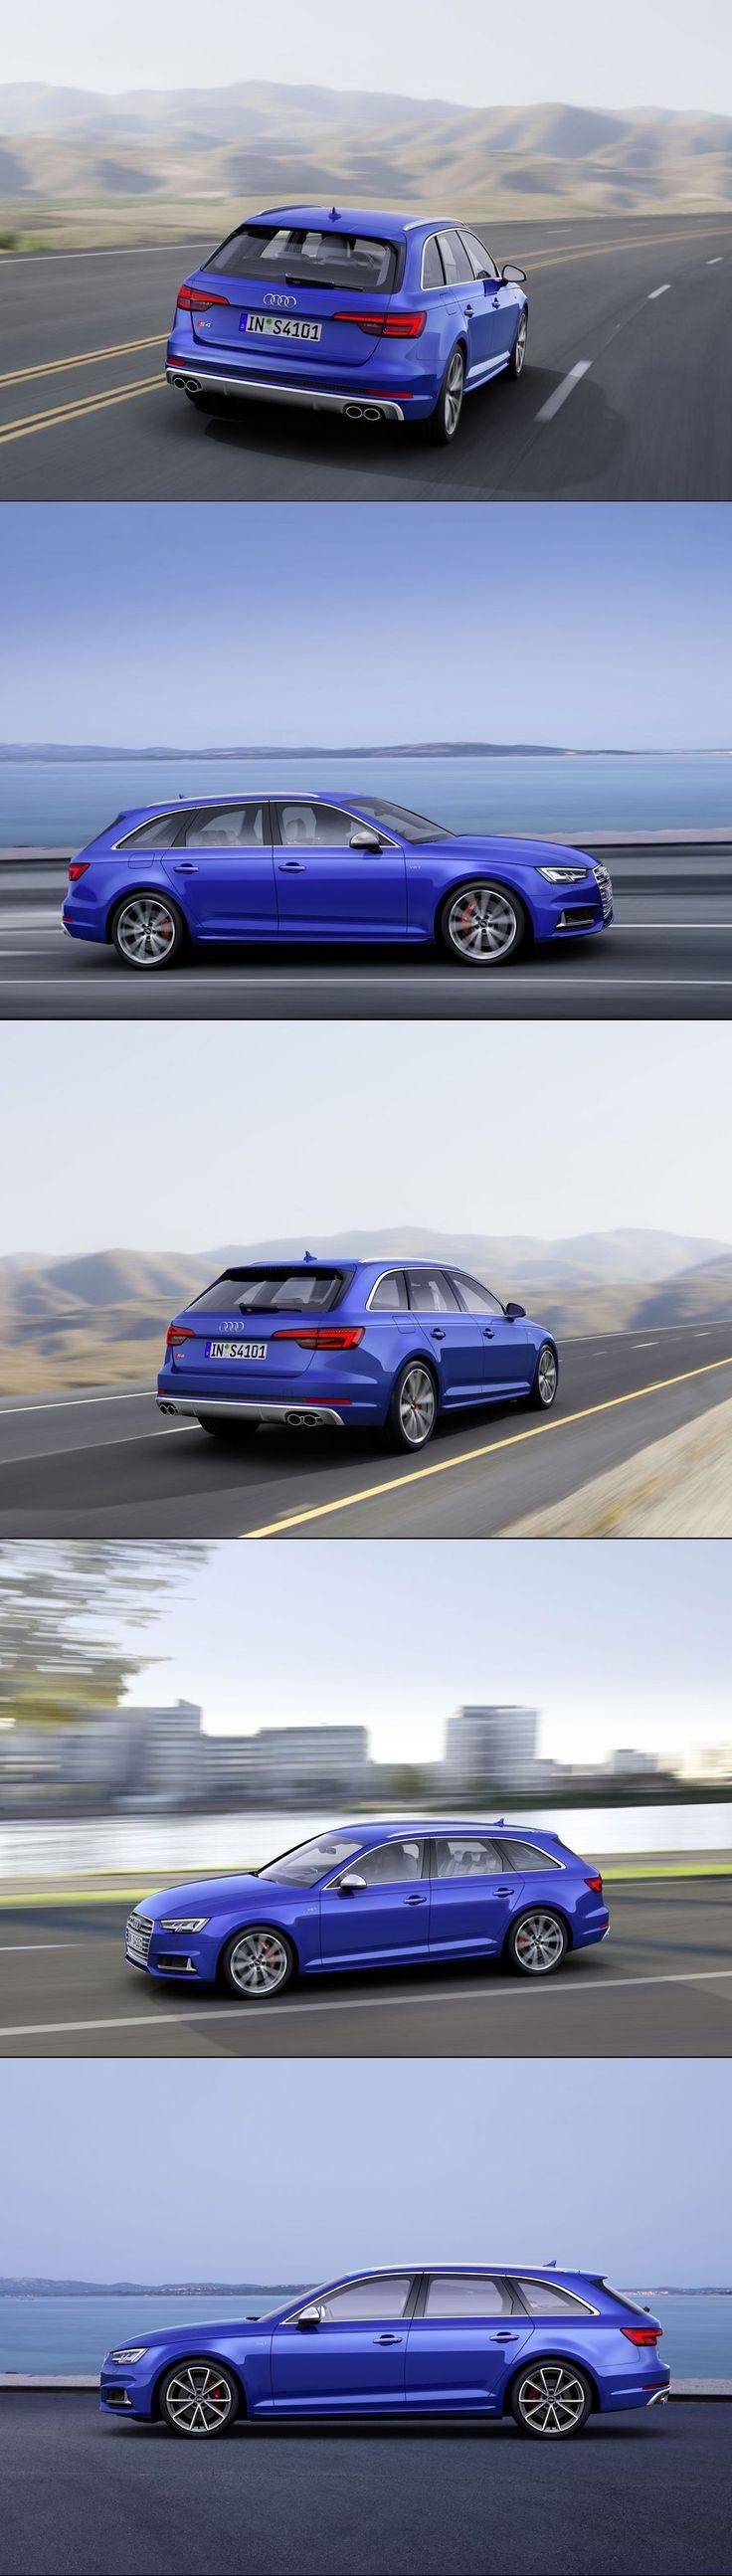 Pas facile de voir au premier coup d'oeil ce qui différencie les nouvelles Audi S4 et S4 Avant de l'ancienne génération. La berline et le break reprennent les codes du design Audi avec de subtiles évolutions, déjà vues sur le reste de la gamme A4. Les optiques sont un peu plus complexes, à l'avant comme à l'arrière. La calandre a été retouchée en douceur.